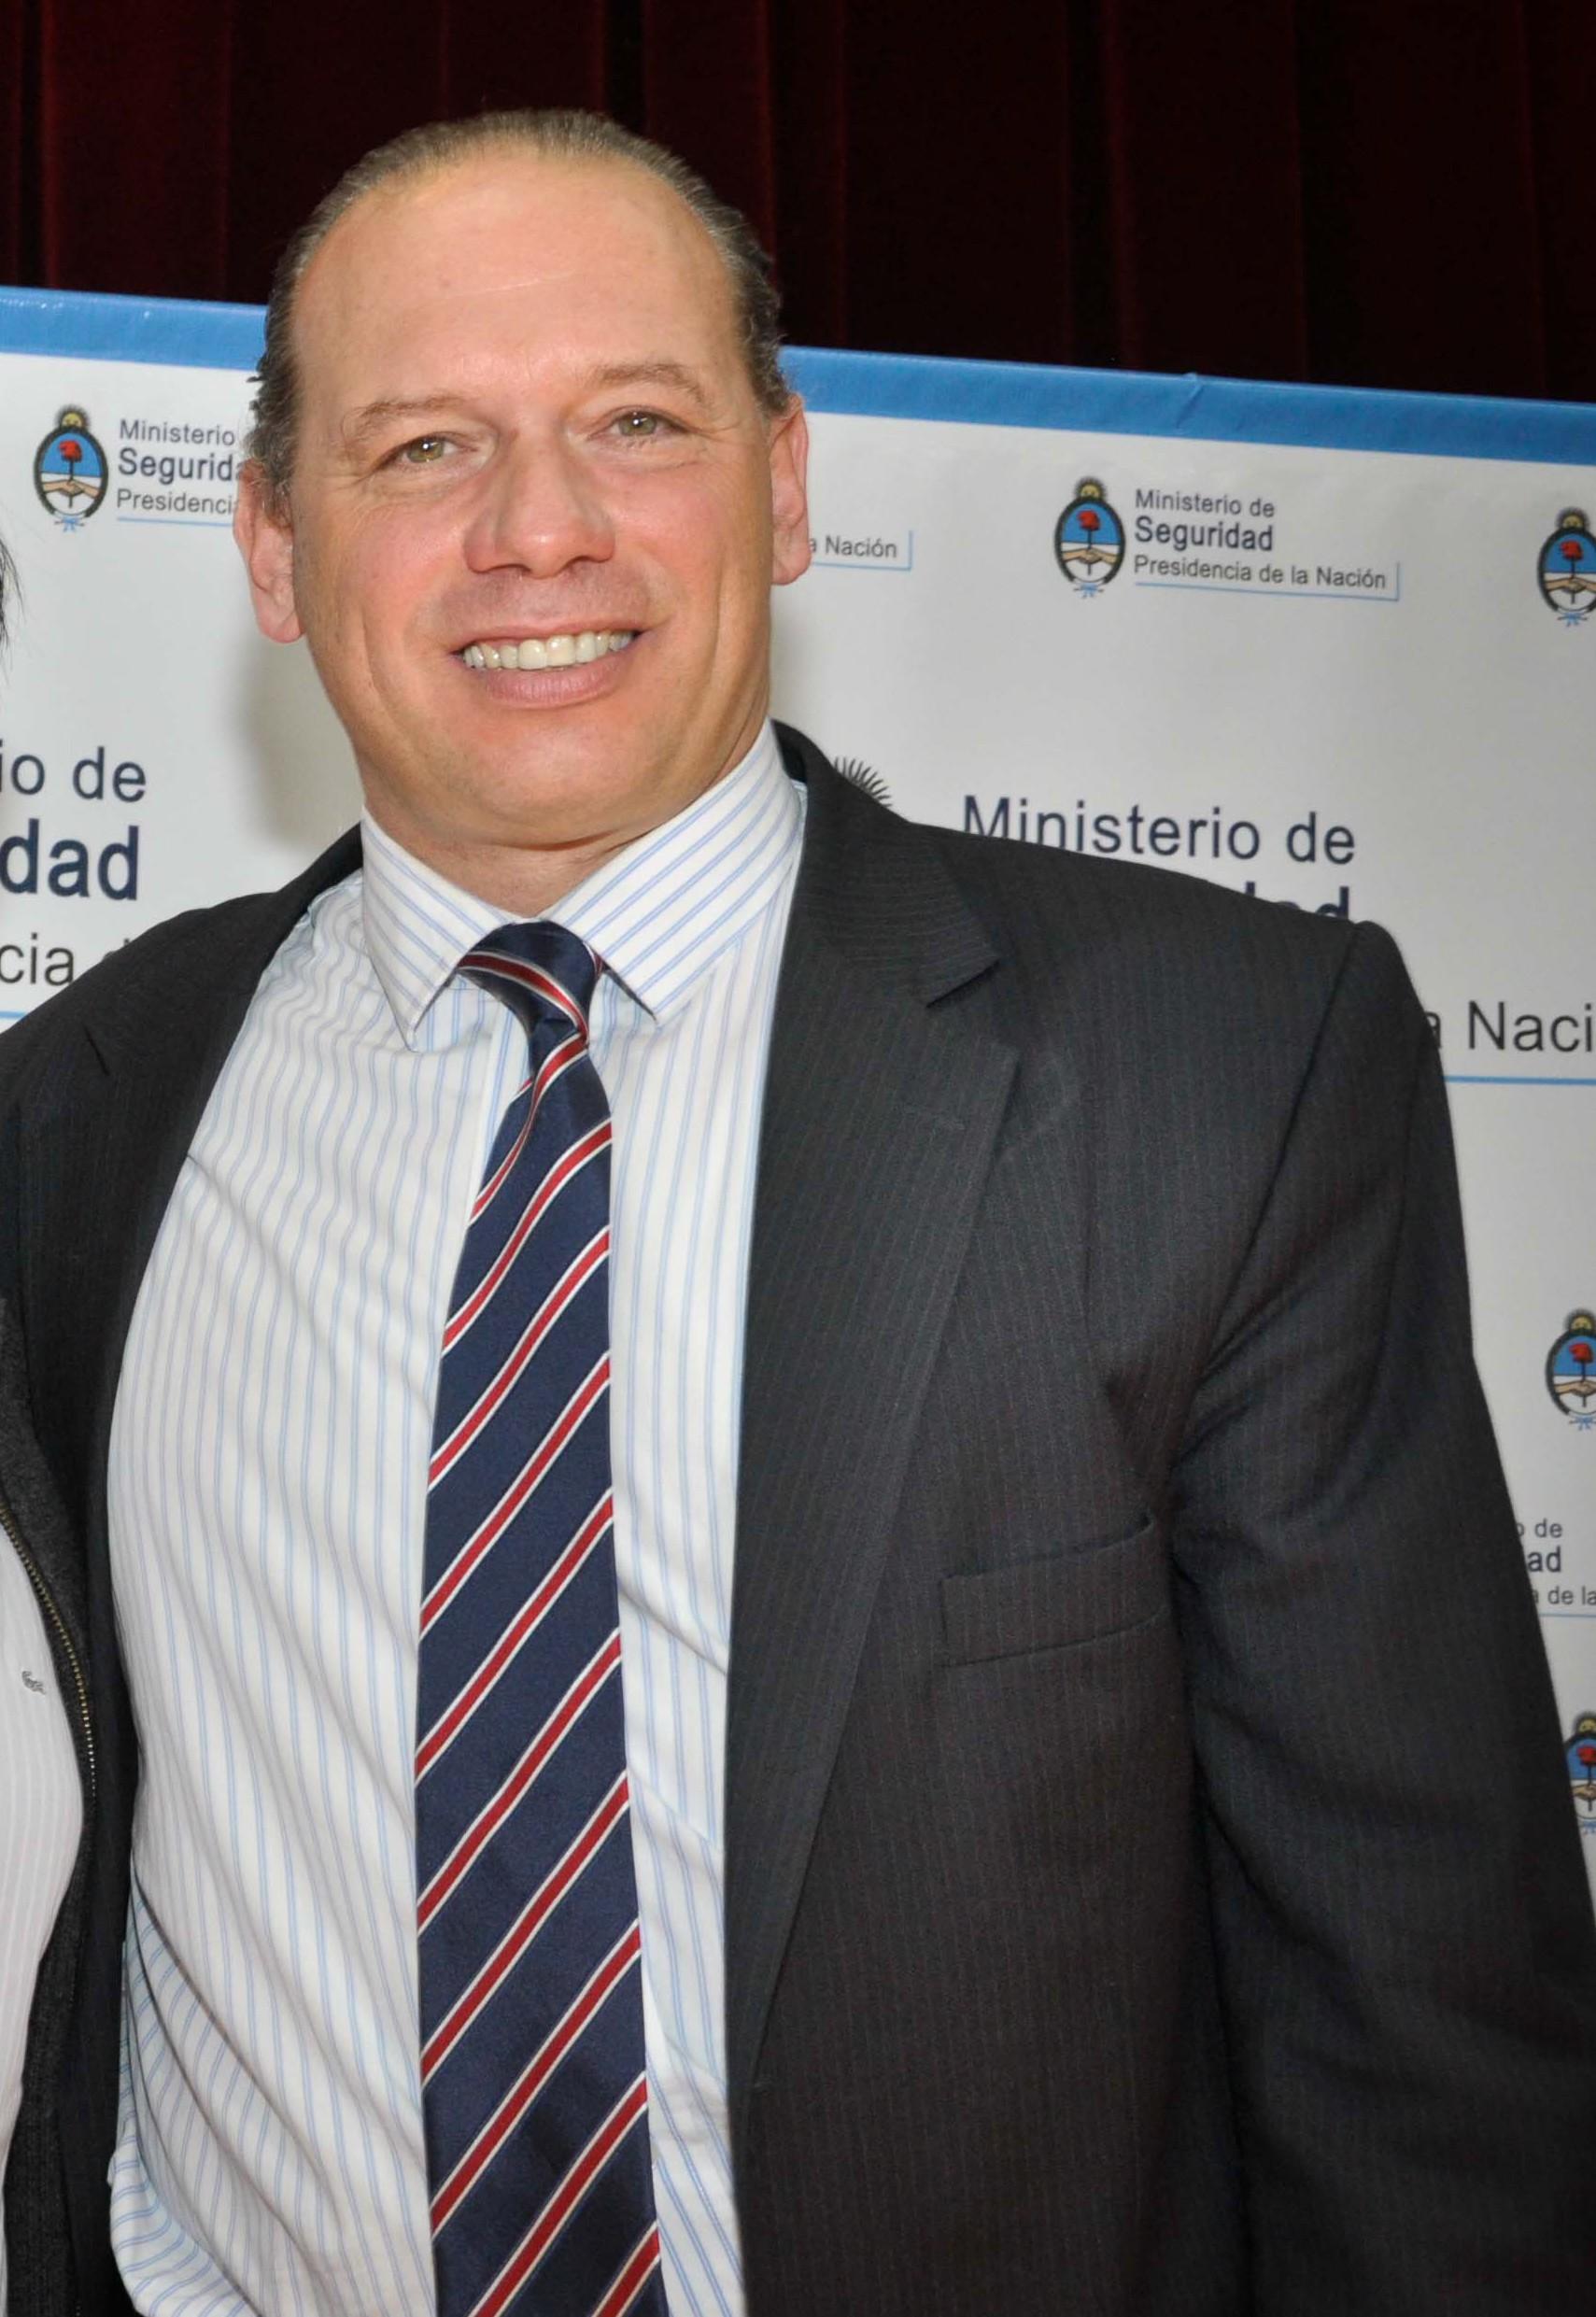 Sergio Berni - Wikipedia, la enciclopedia libre